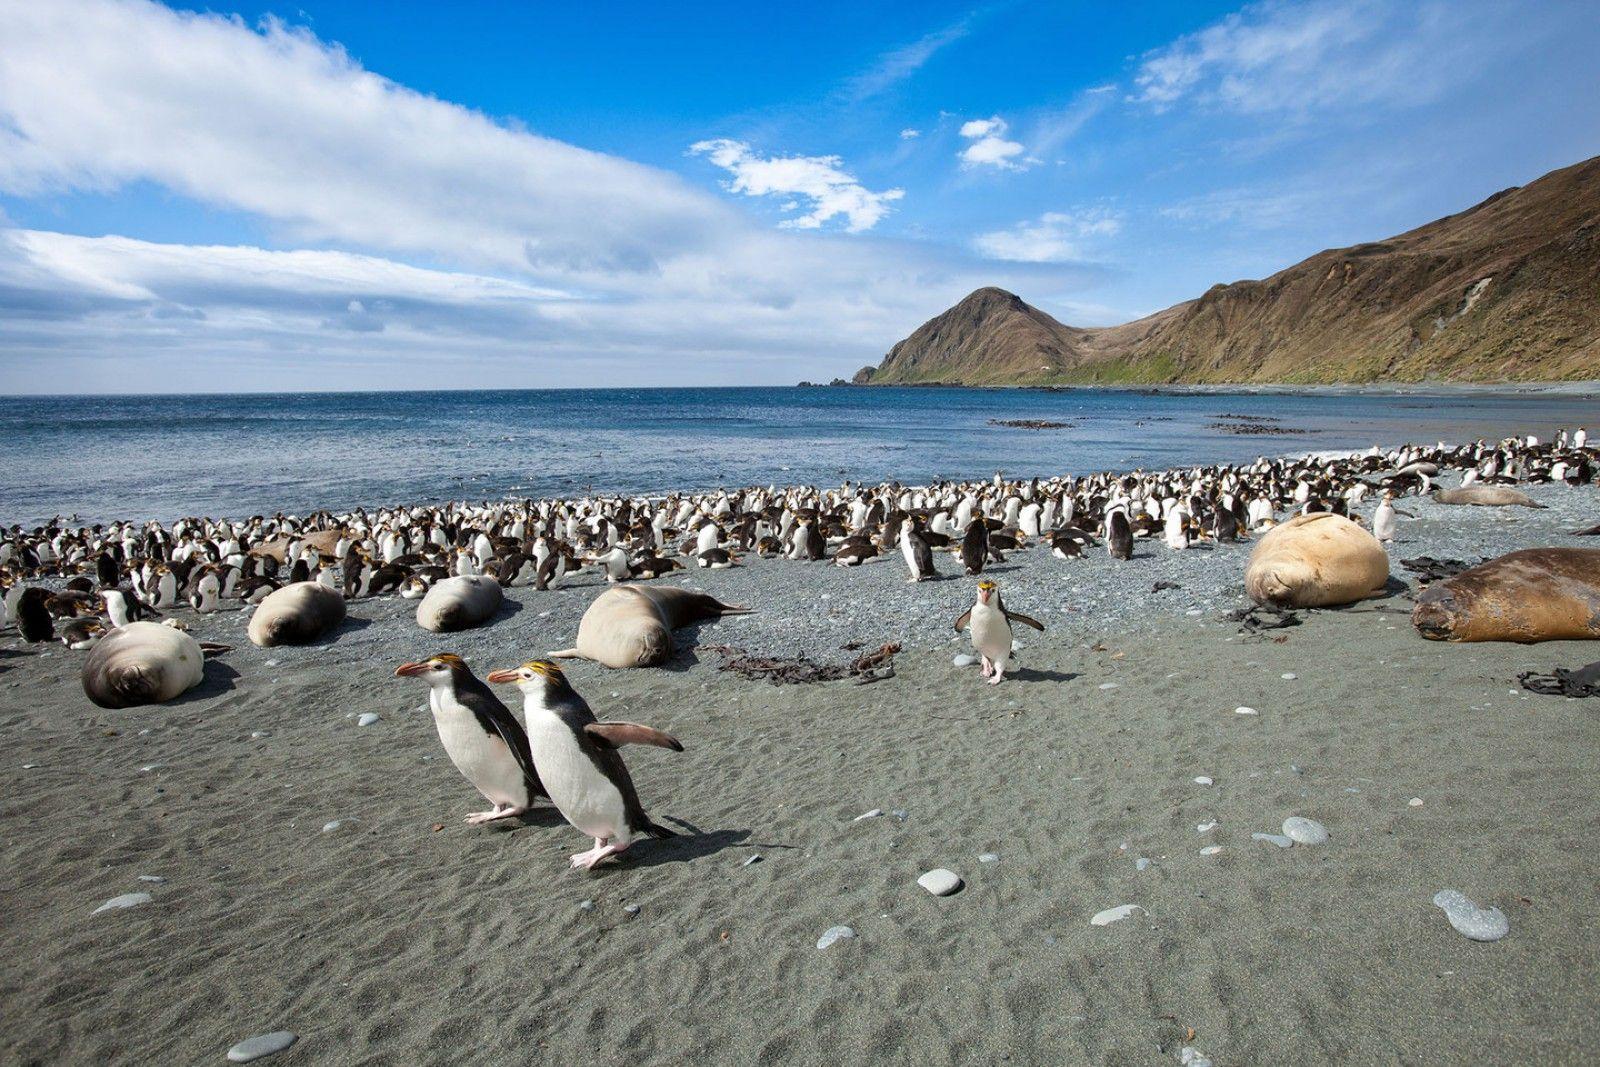 Une petite île isolée du Pacifique, où règnent les manchots - Macquarie Island in Australia a isolated Pacific island where reign penguins.